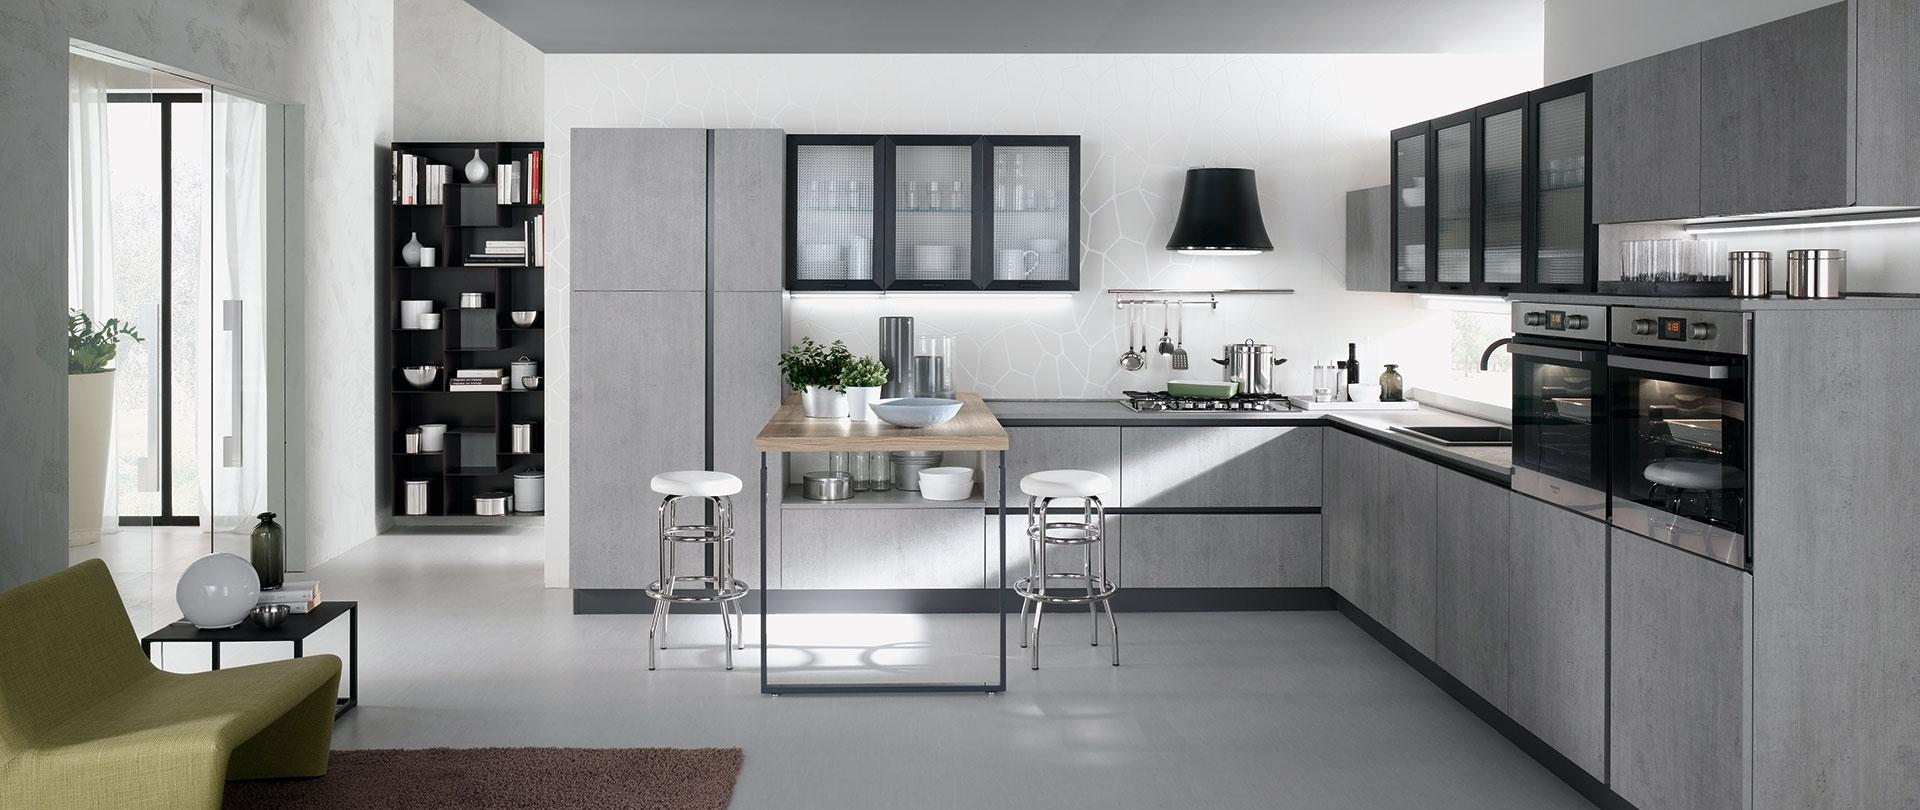 evo-cucina-agora-grigio-cemento